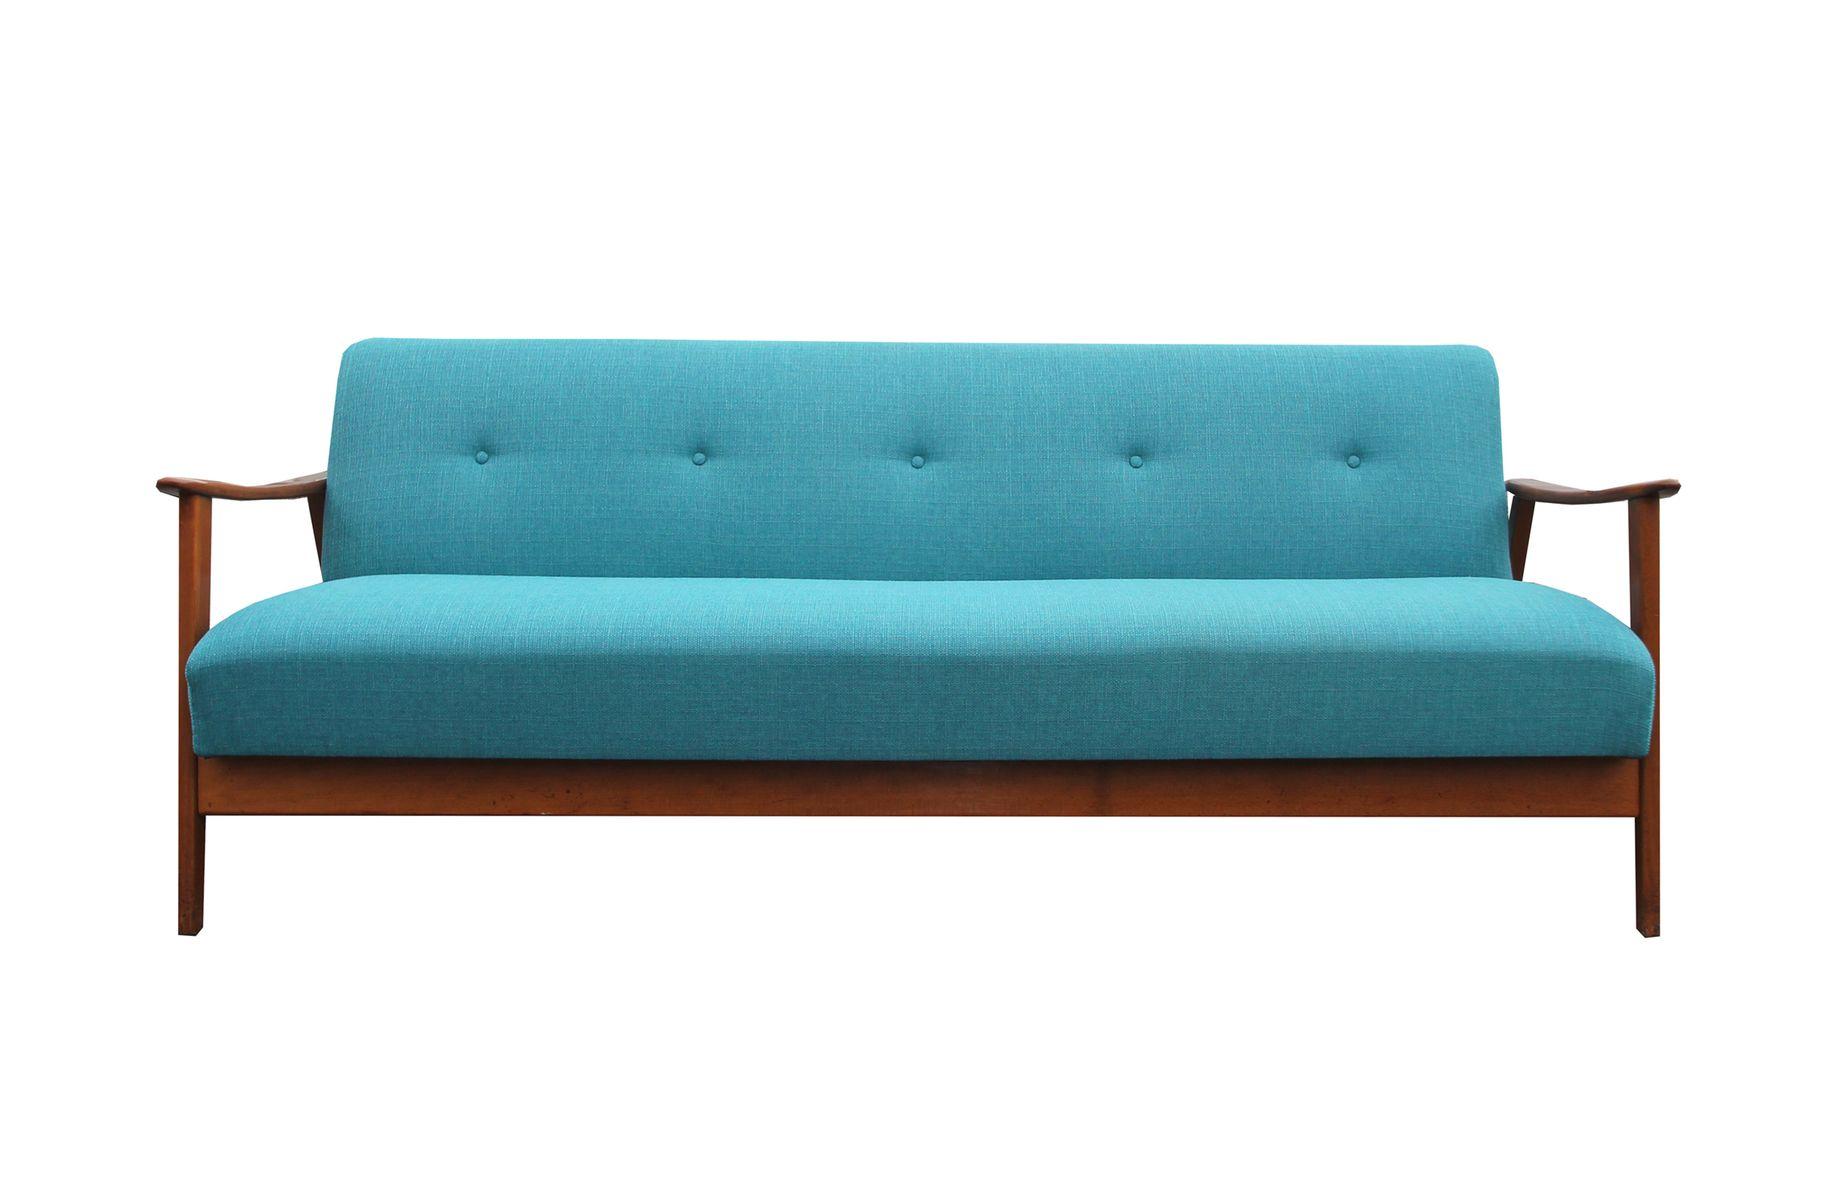 deutsches mid century schlafsofa 1950er bei pamono kaufen. Black Bedroom Furniture Sets. Home Design Ideas